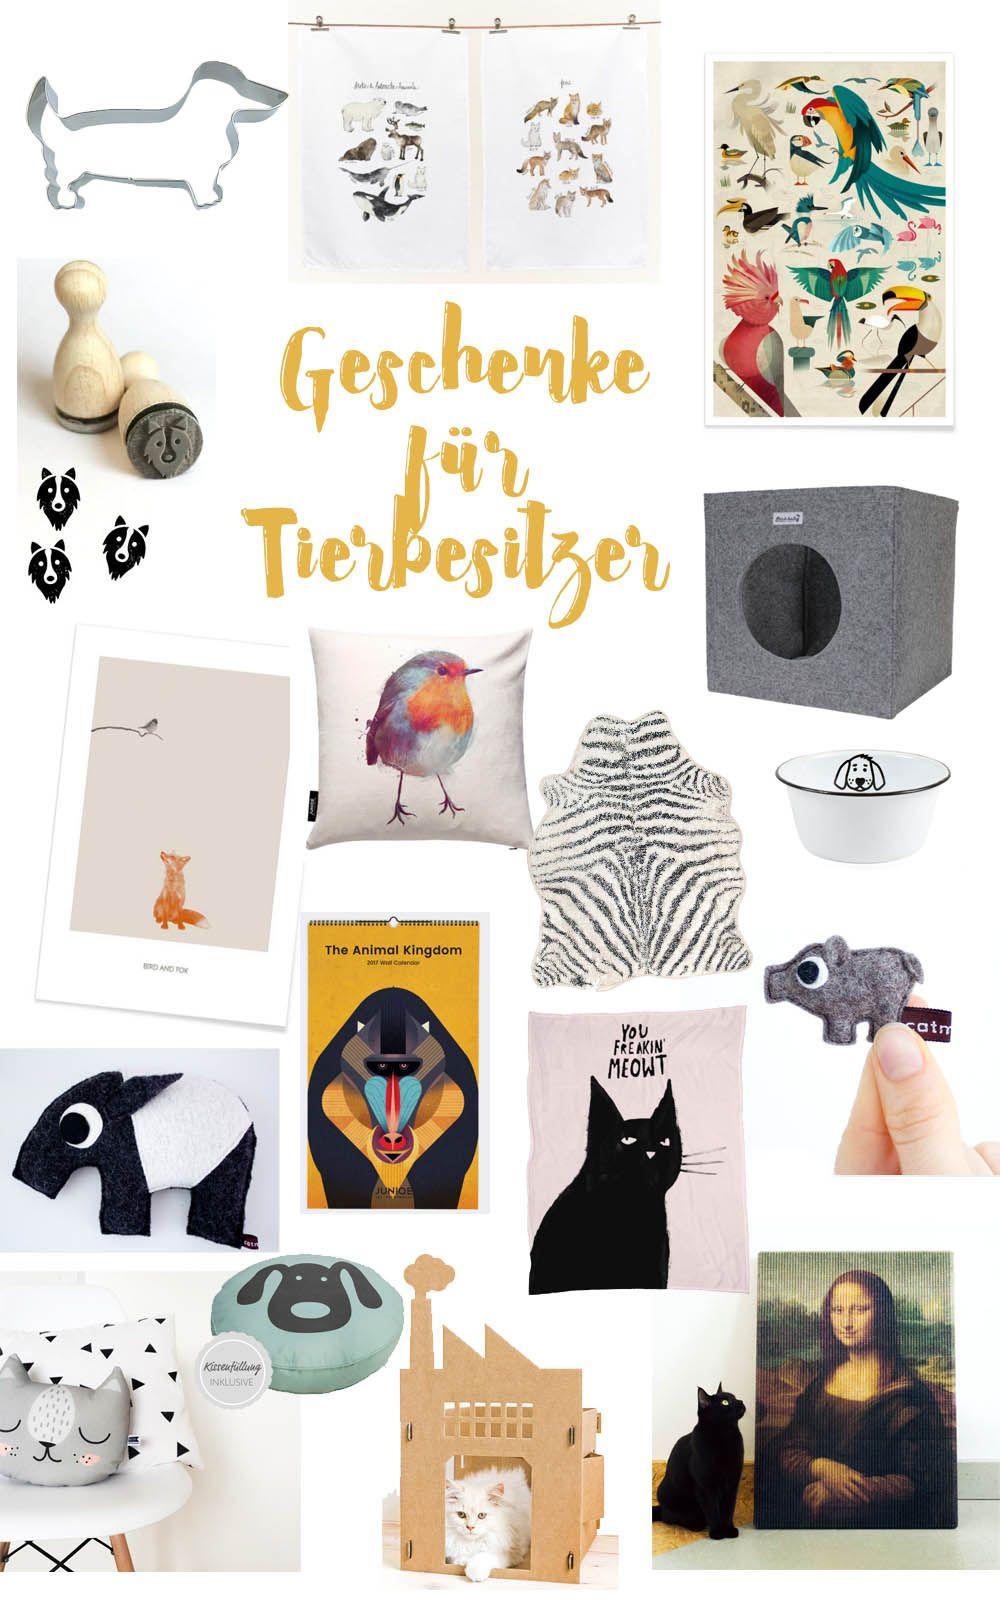 Geschenke für Tierbesitzer | Weihnachtsgeschenke | Pinterest